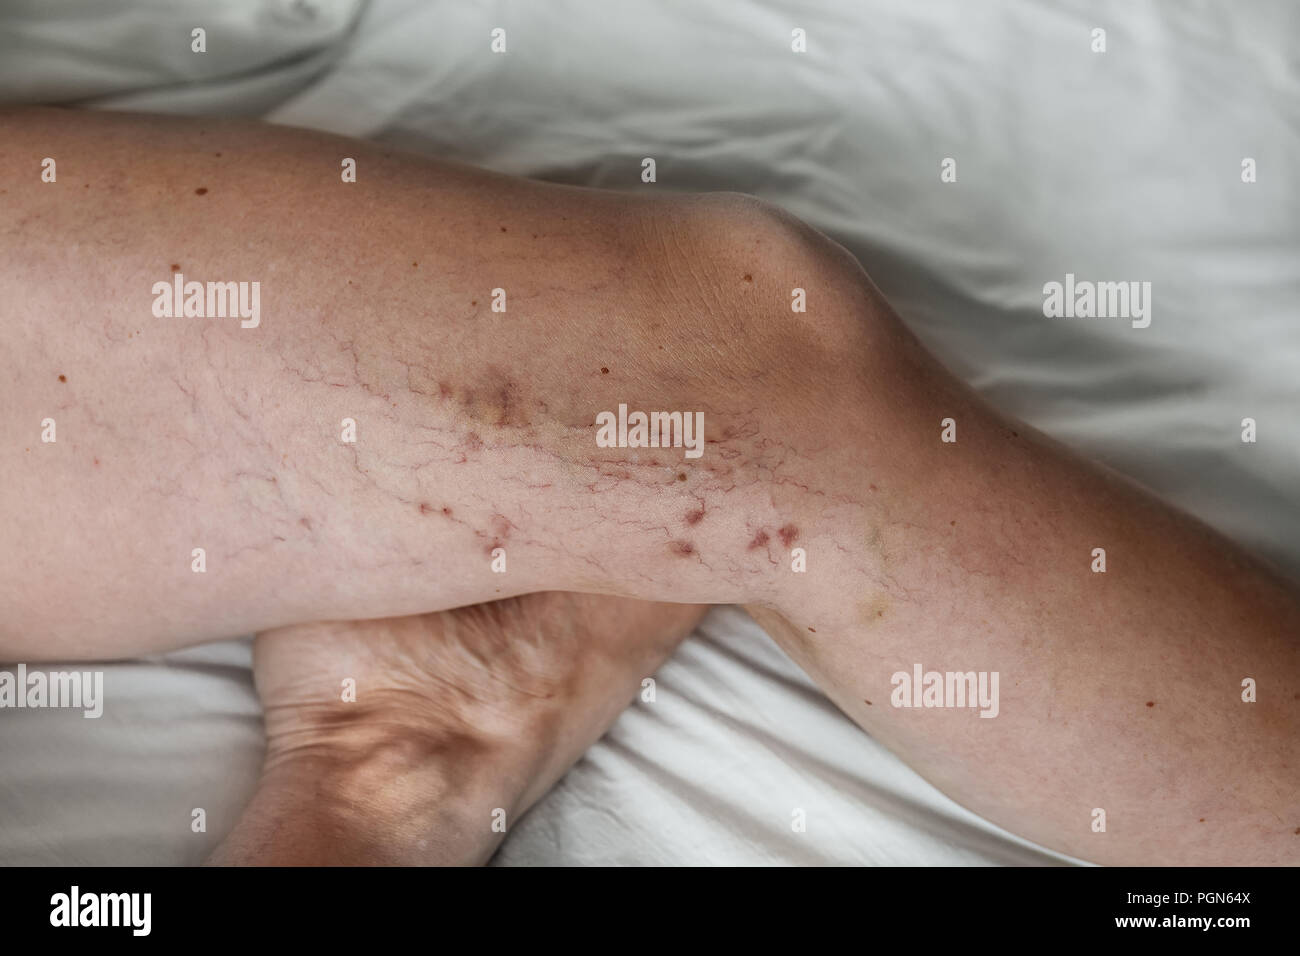 La maladie varices sur les jambes a womans Photo Stock